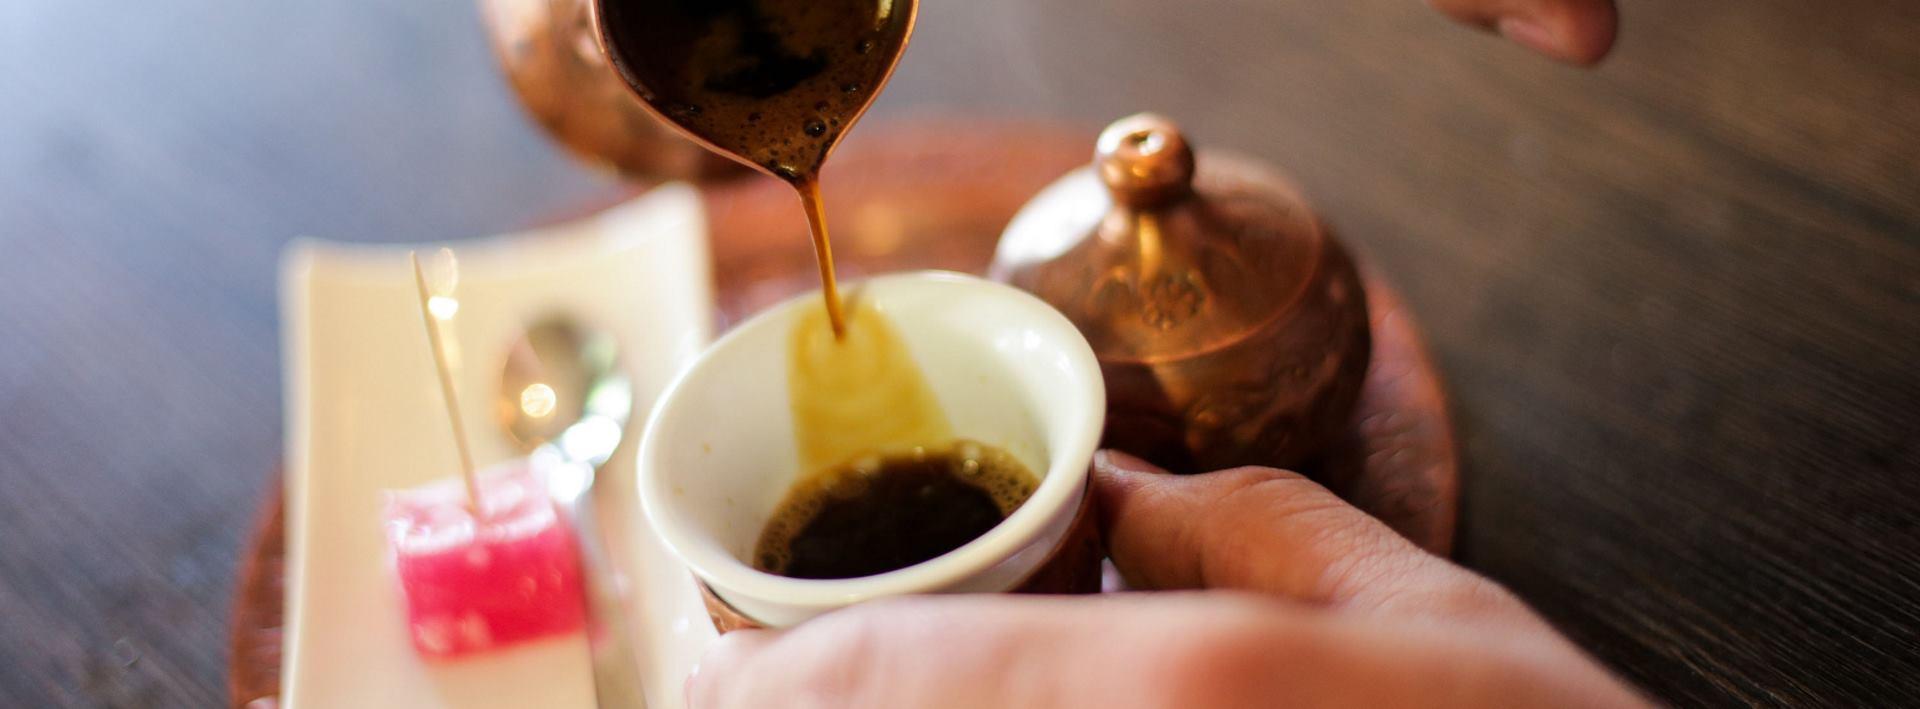 NOVO ISTRAŽIVANJE Konzumacija kave ne uzrokuje atrijsku fibrilaciju srca